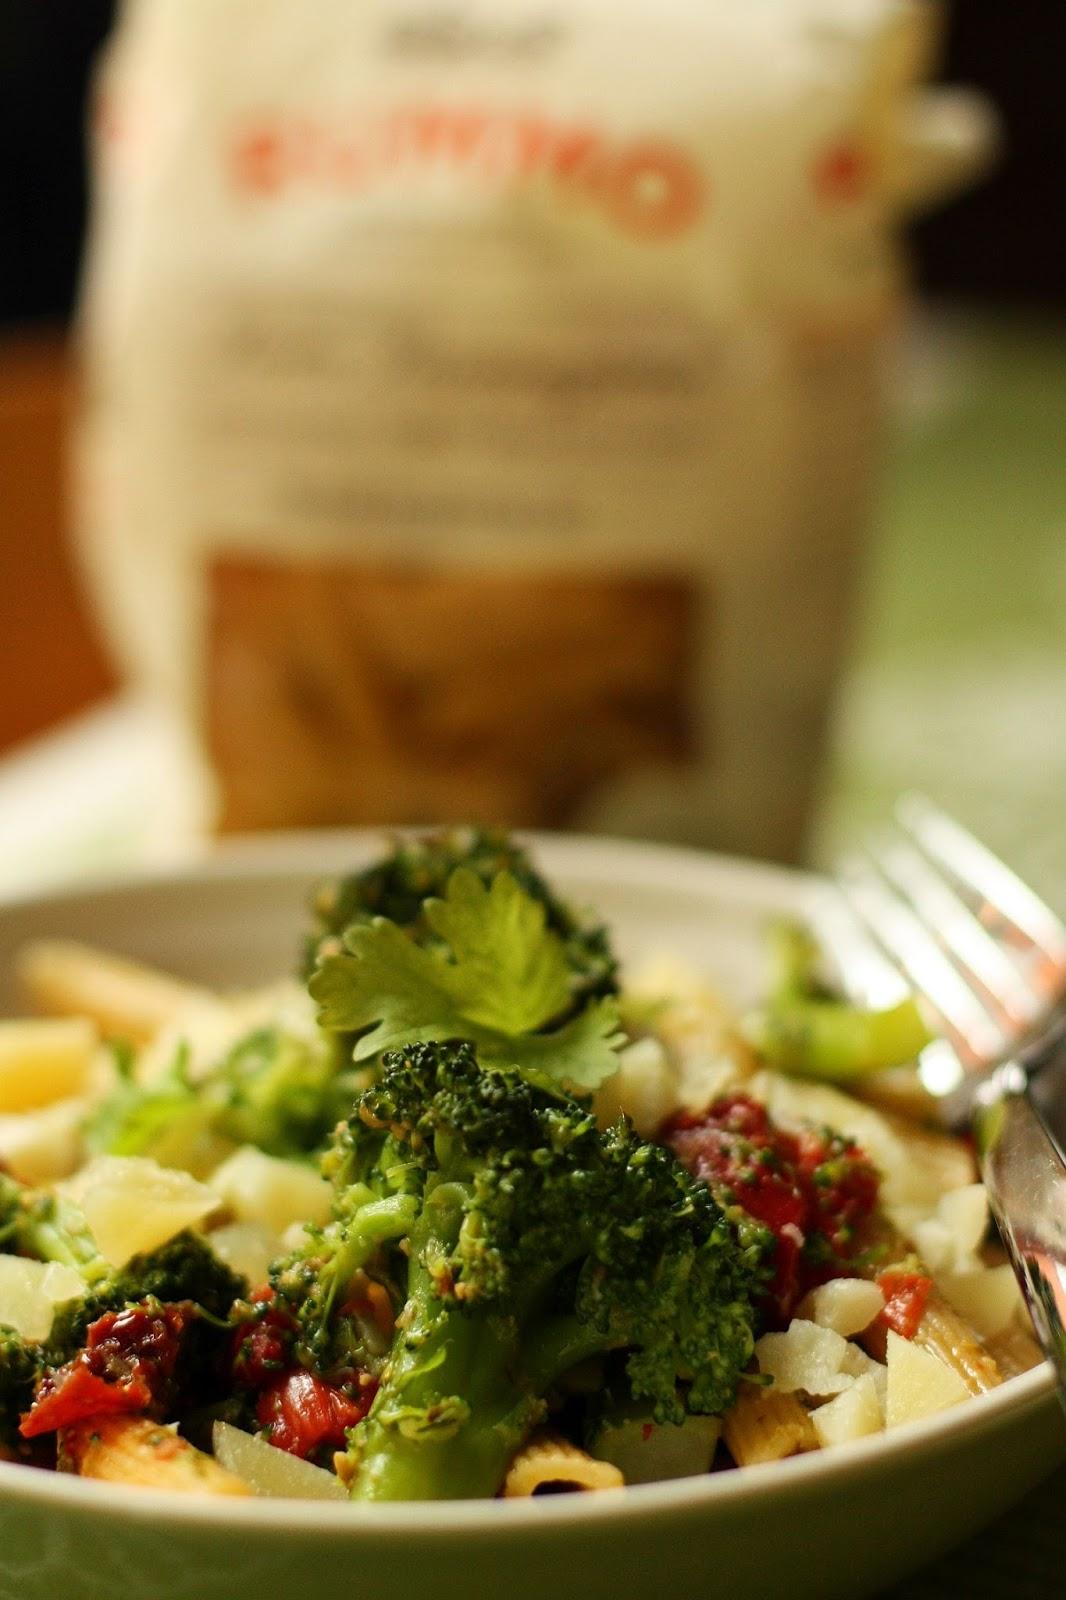 pesto-parsakaalipasta pesto parsakaali mallaspulla 15 minuuttia arkiruoka rummo pasta